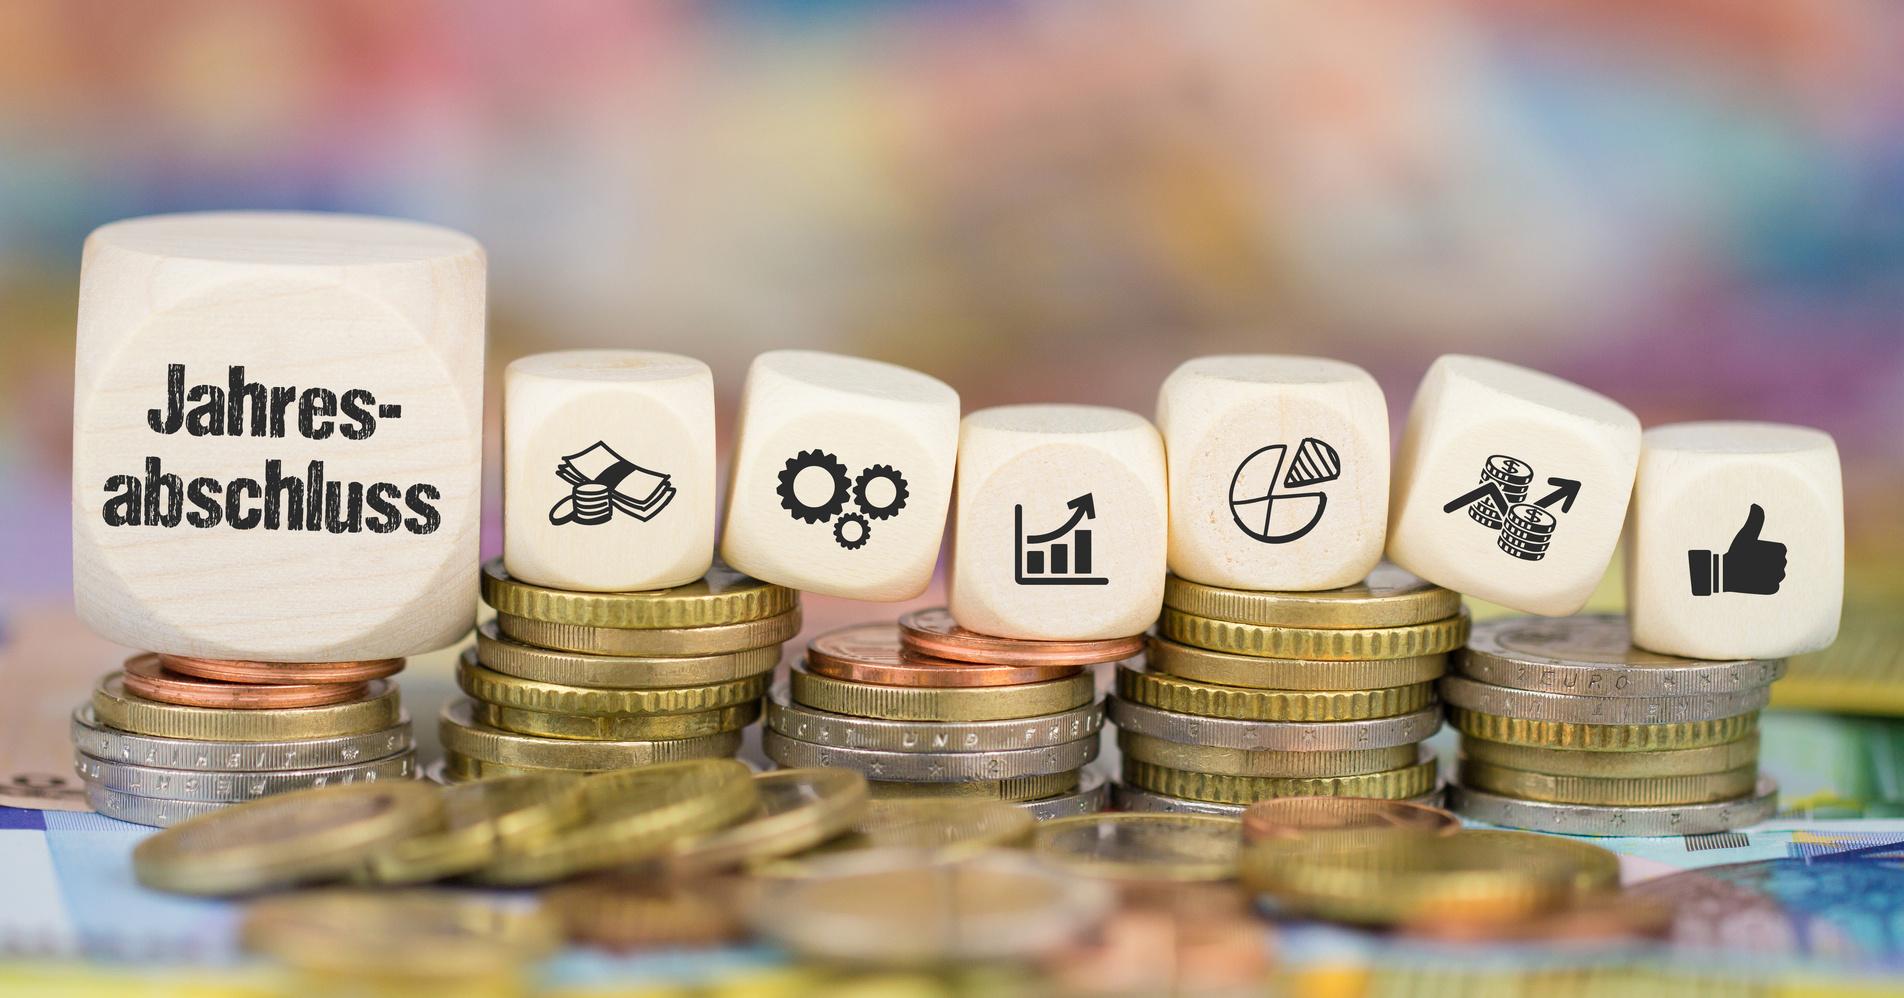 Abbildung zeigt Euro-Geldstücke und Würfel mit Symbolen für Jahresabschluss